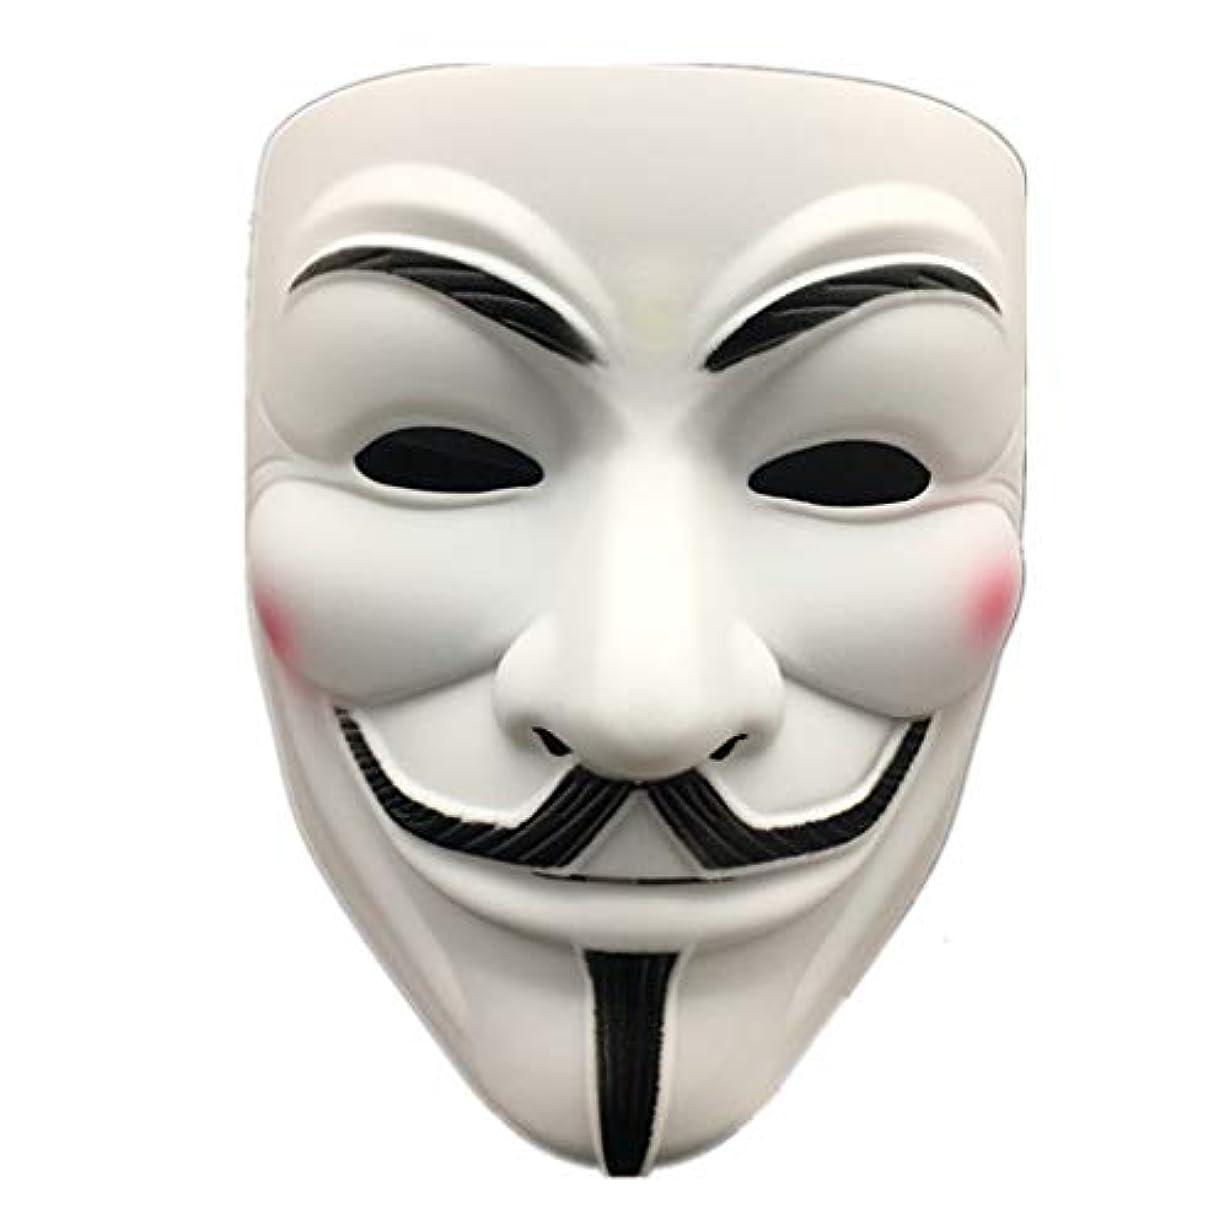 アウターエキサイティングステープルハロウィンマスクフルフェイスストリートダンス振動マスク仮装変なマスクダンスマスク